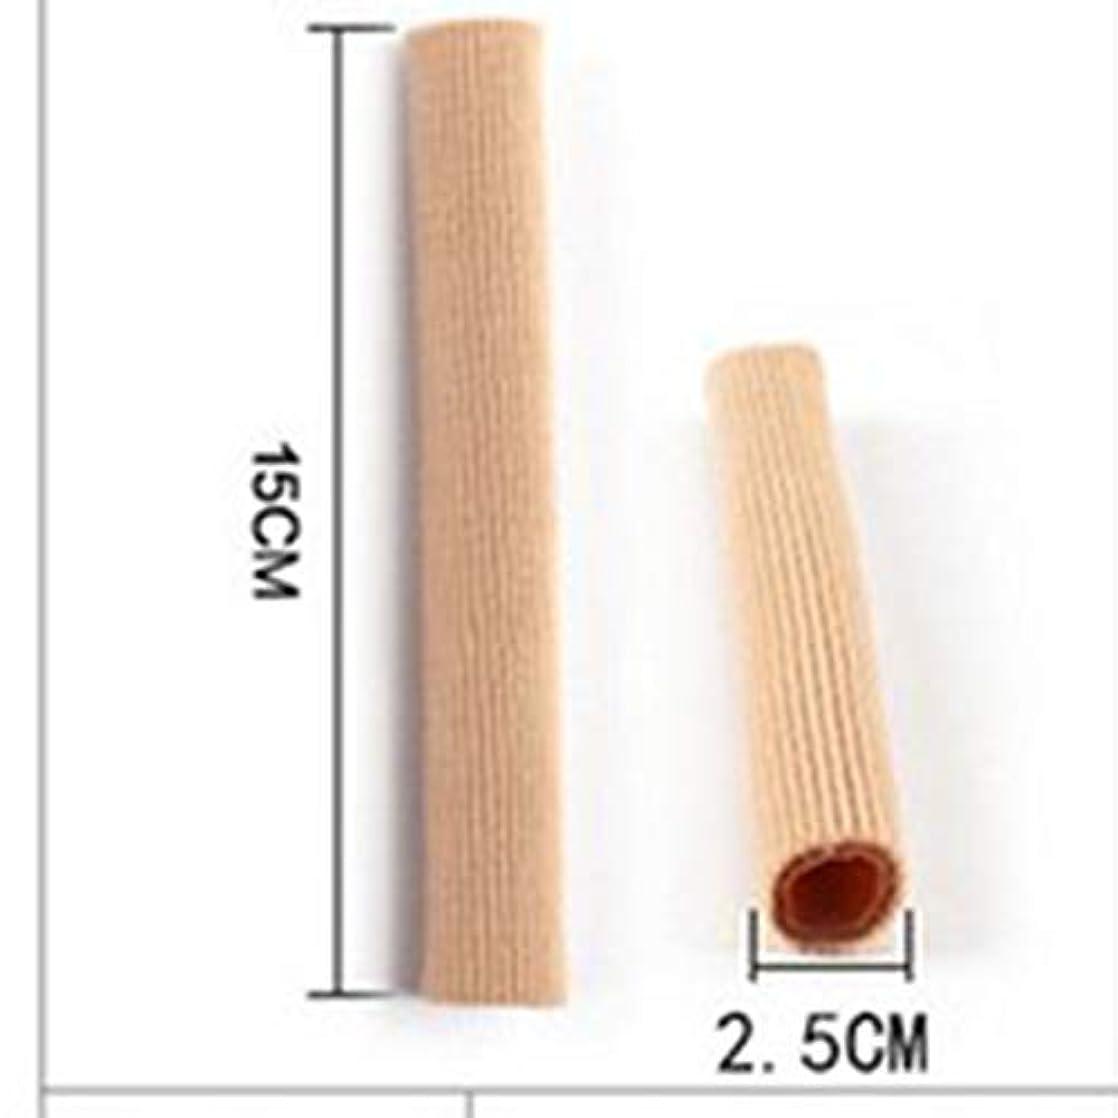 オペラバルク太いOpen Toe Tubes Gel Lined Fabric Sleeve Protectors To Prevent Corns, Calluses And Blisters While Softening And...